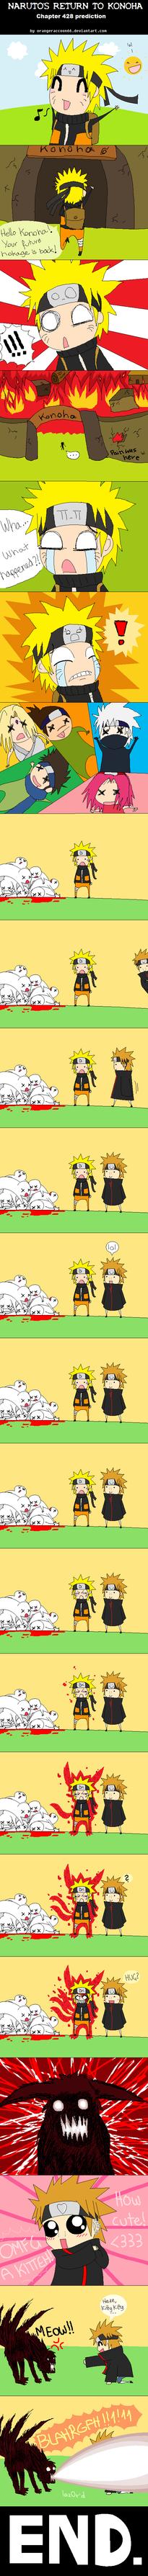 [تصویر:  Naruto__s_Return_to_Konoha_by_orangeraccoon66.png]